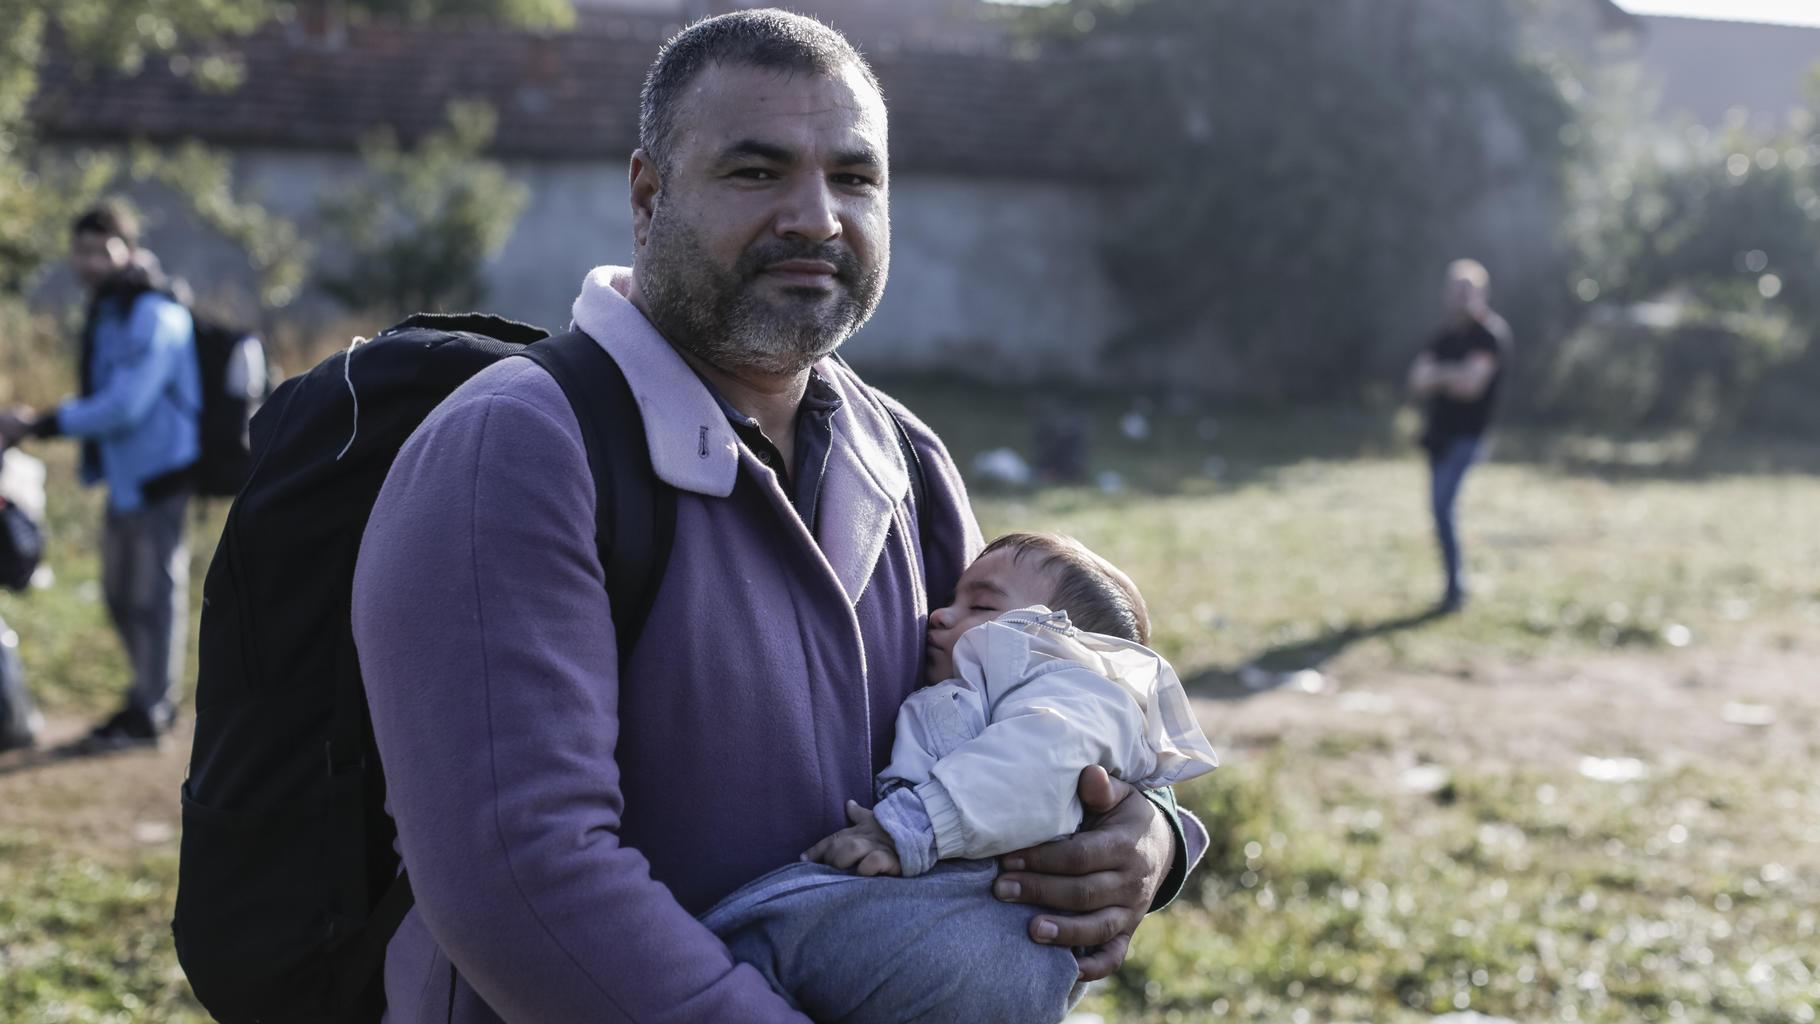 Yasser Hussein aus Homs, Syrien trägt seinen drei Monate alten Sohn.